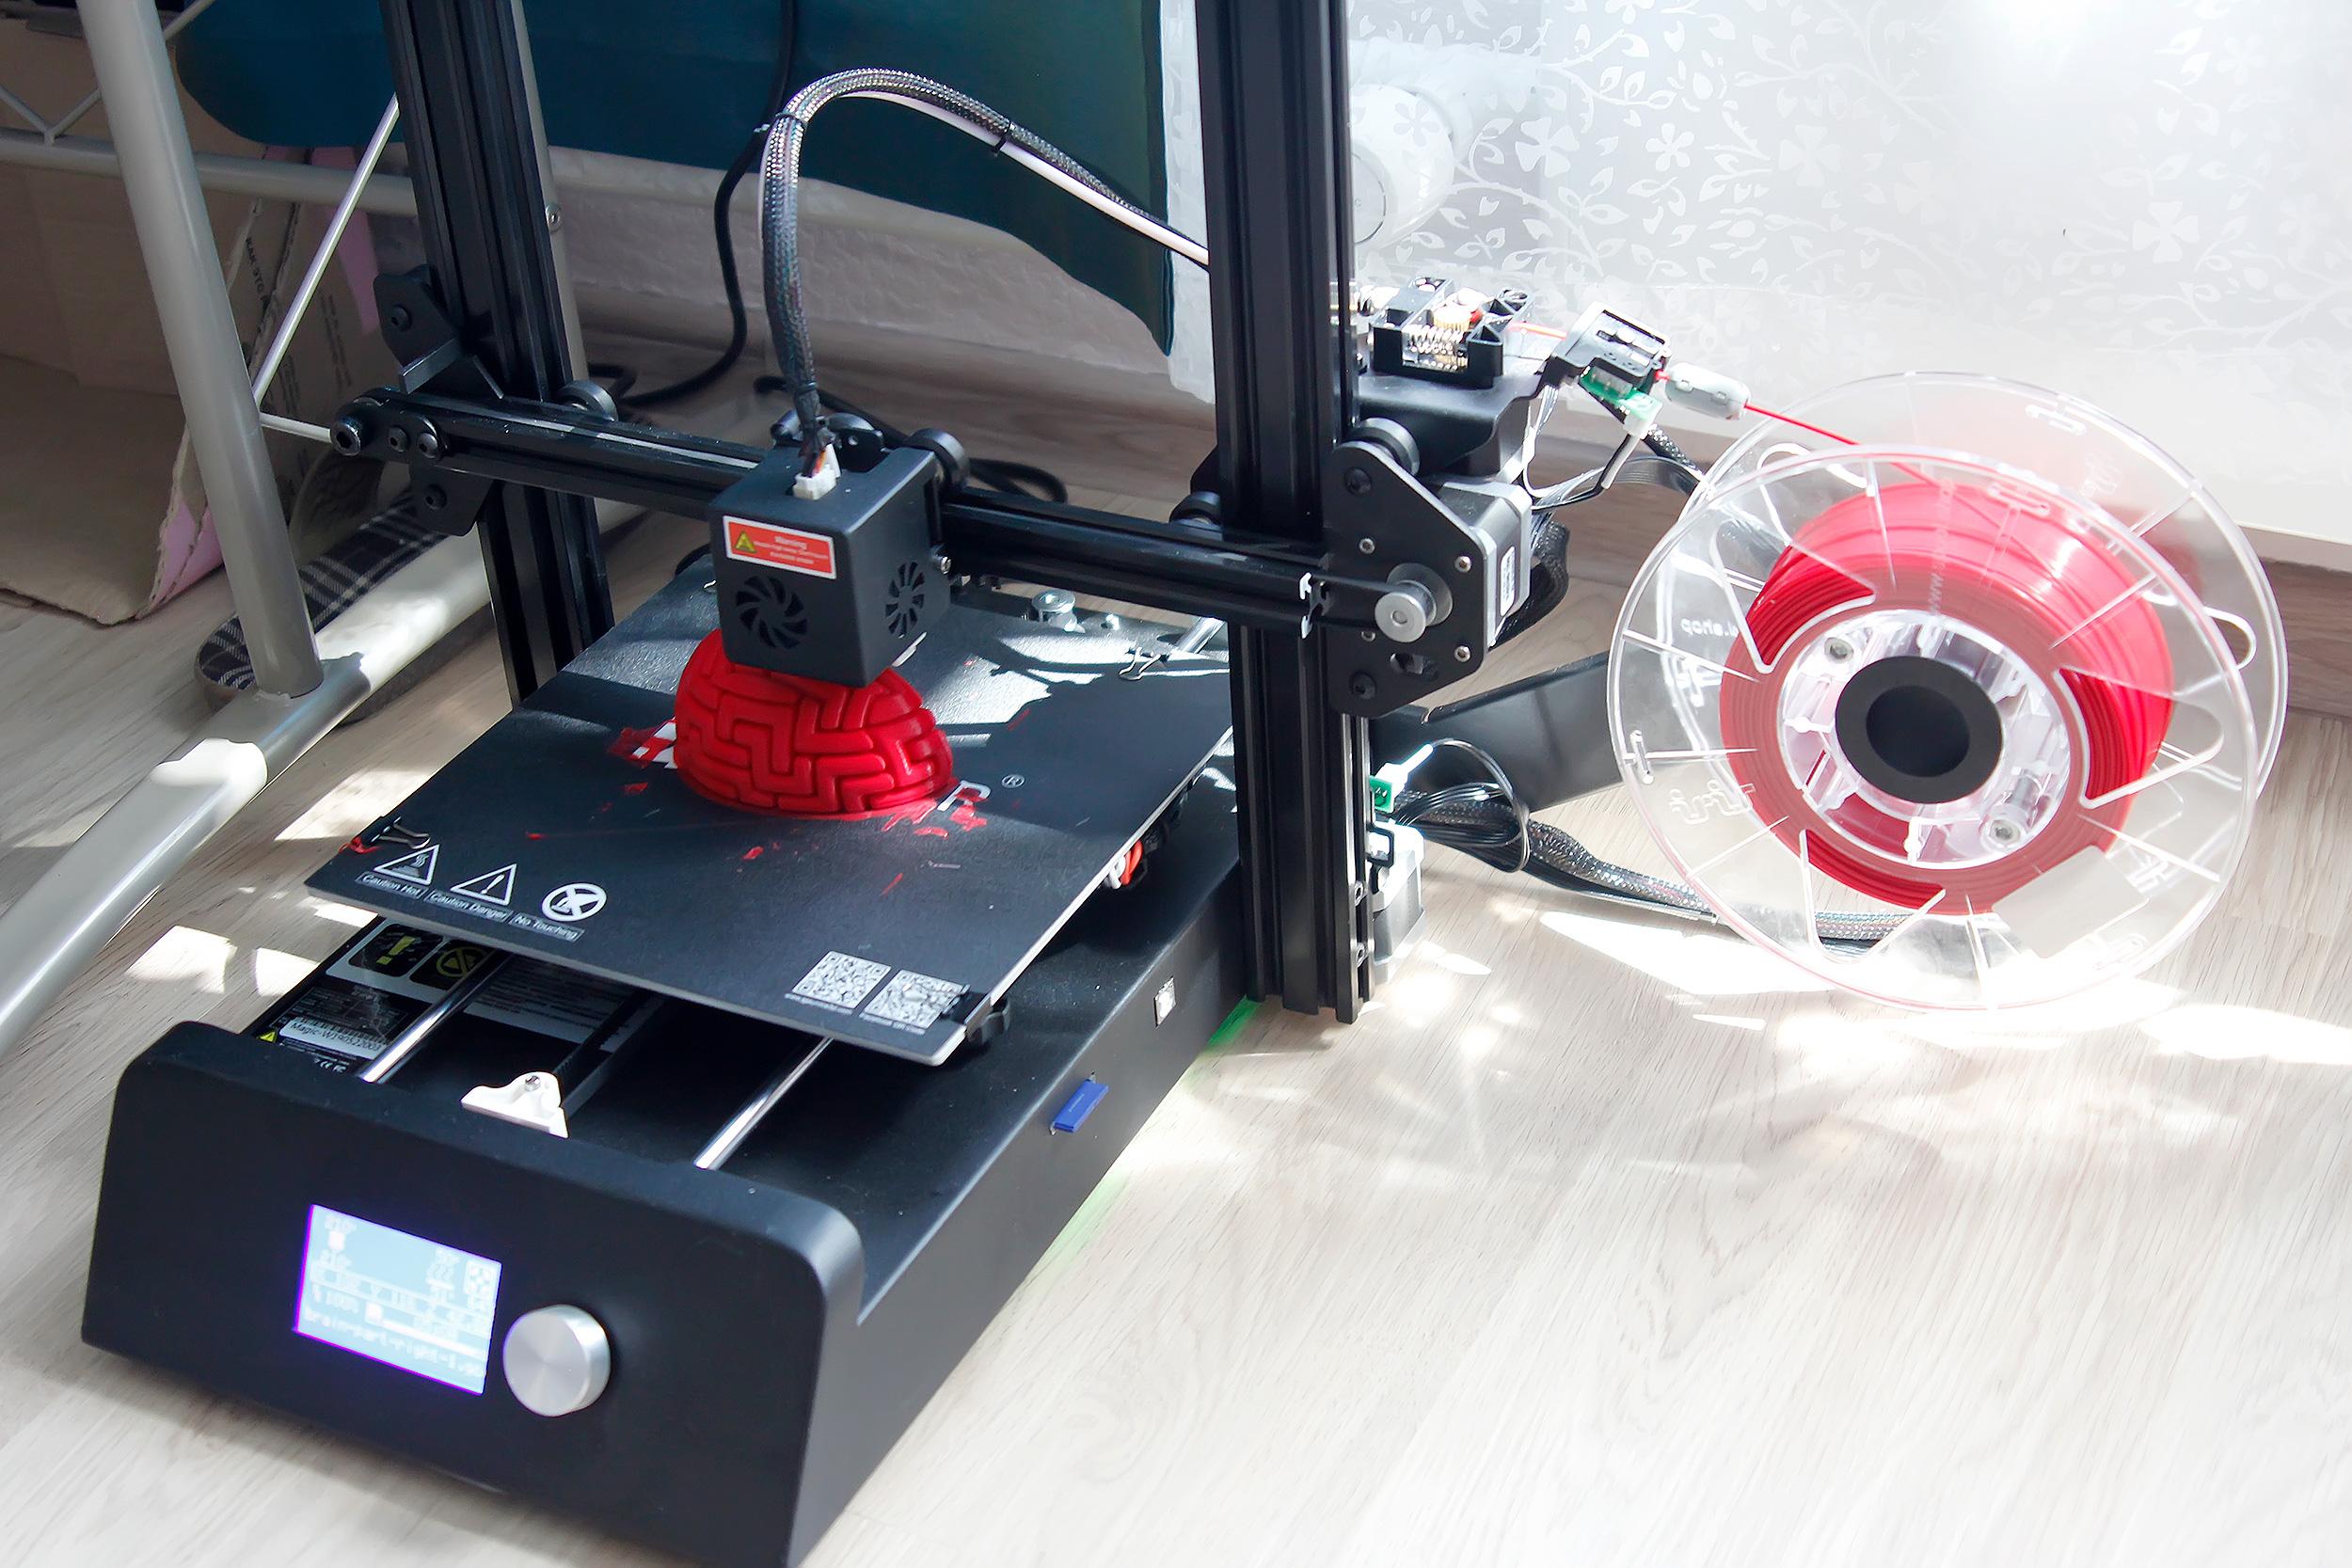 JG Maker  достойная альтернатива недорогим 3D-принтерам для начинающих